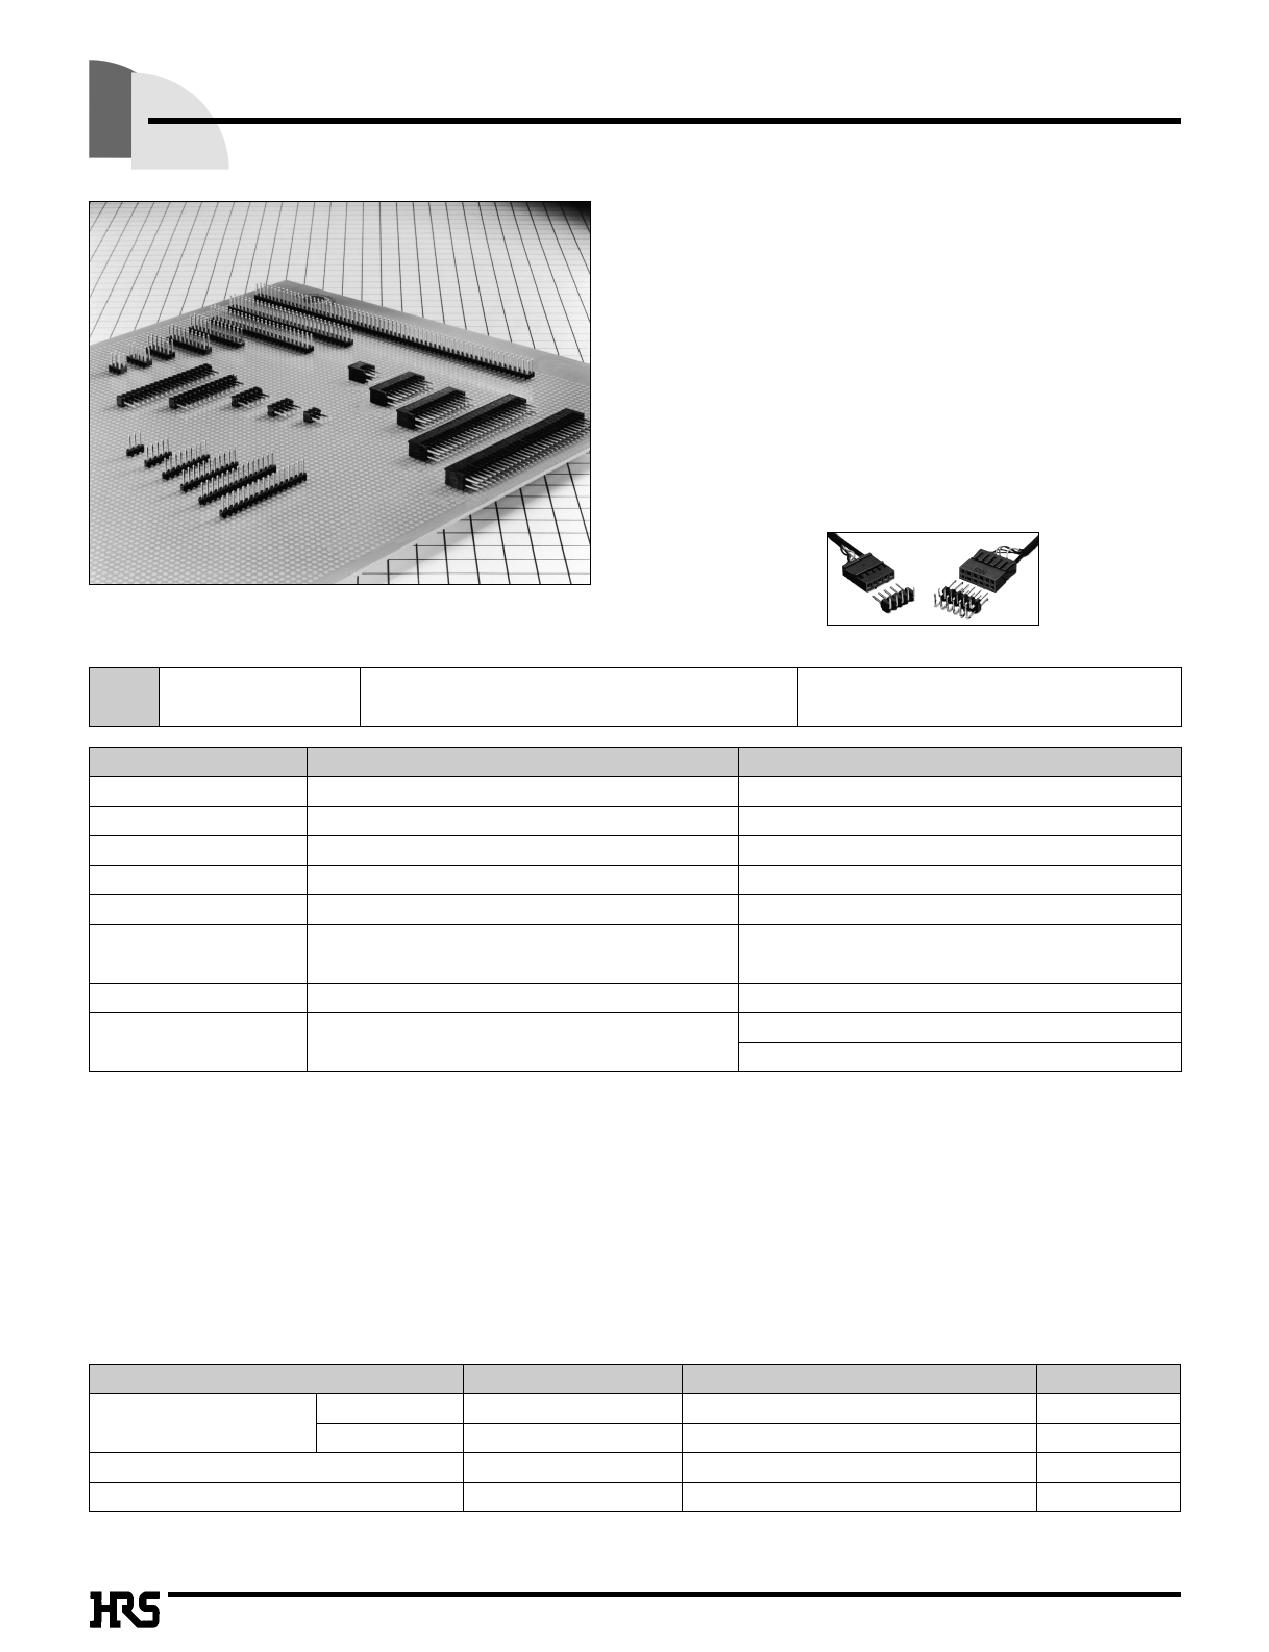 A2-11PA-2.54DSA Datasheet, A2-11PA-2.54DSA PDF,ピン配置, 機能